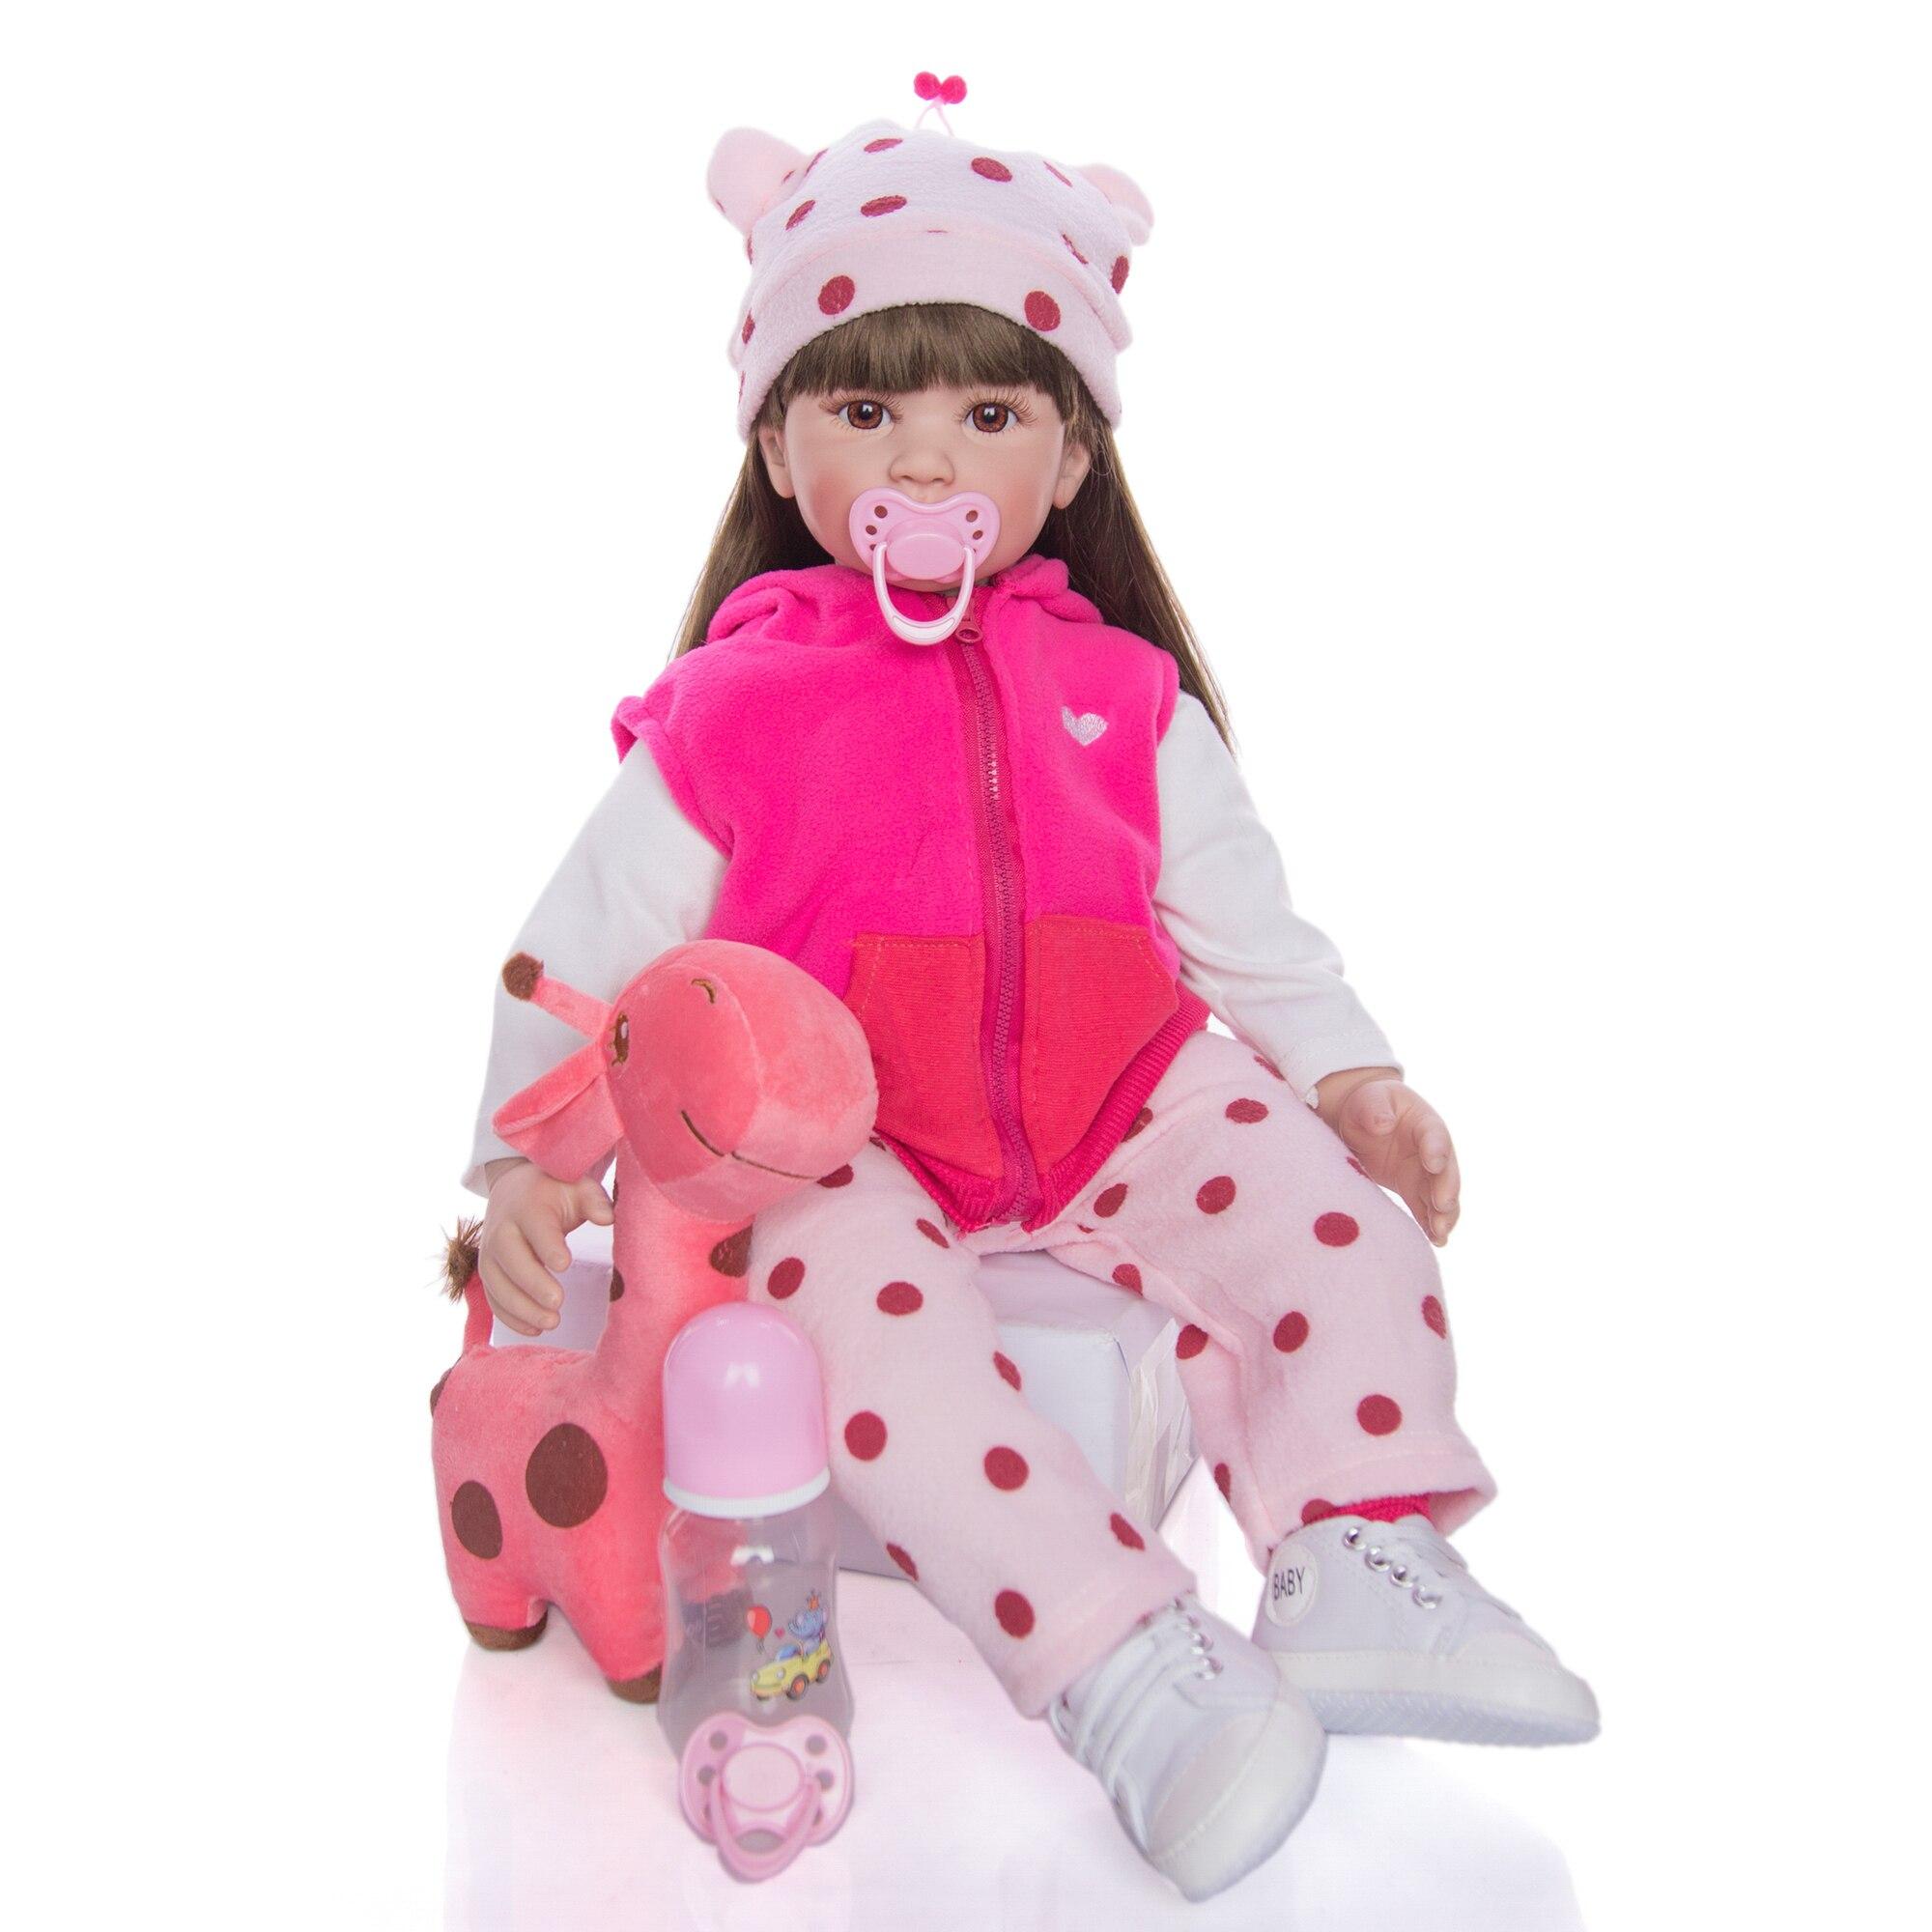 Горячая Распродажа, 24 дюймовые куклы для новорожденных, Модные Силиконовые Мягкие реалистичные куклы для девочек, Этнические куклы для дет...